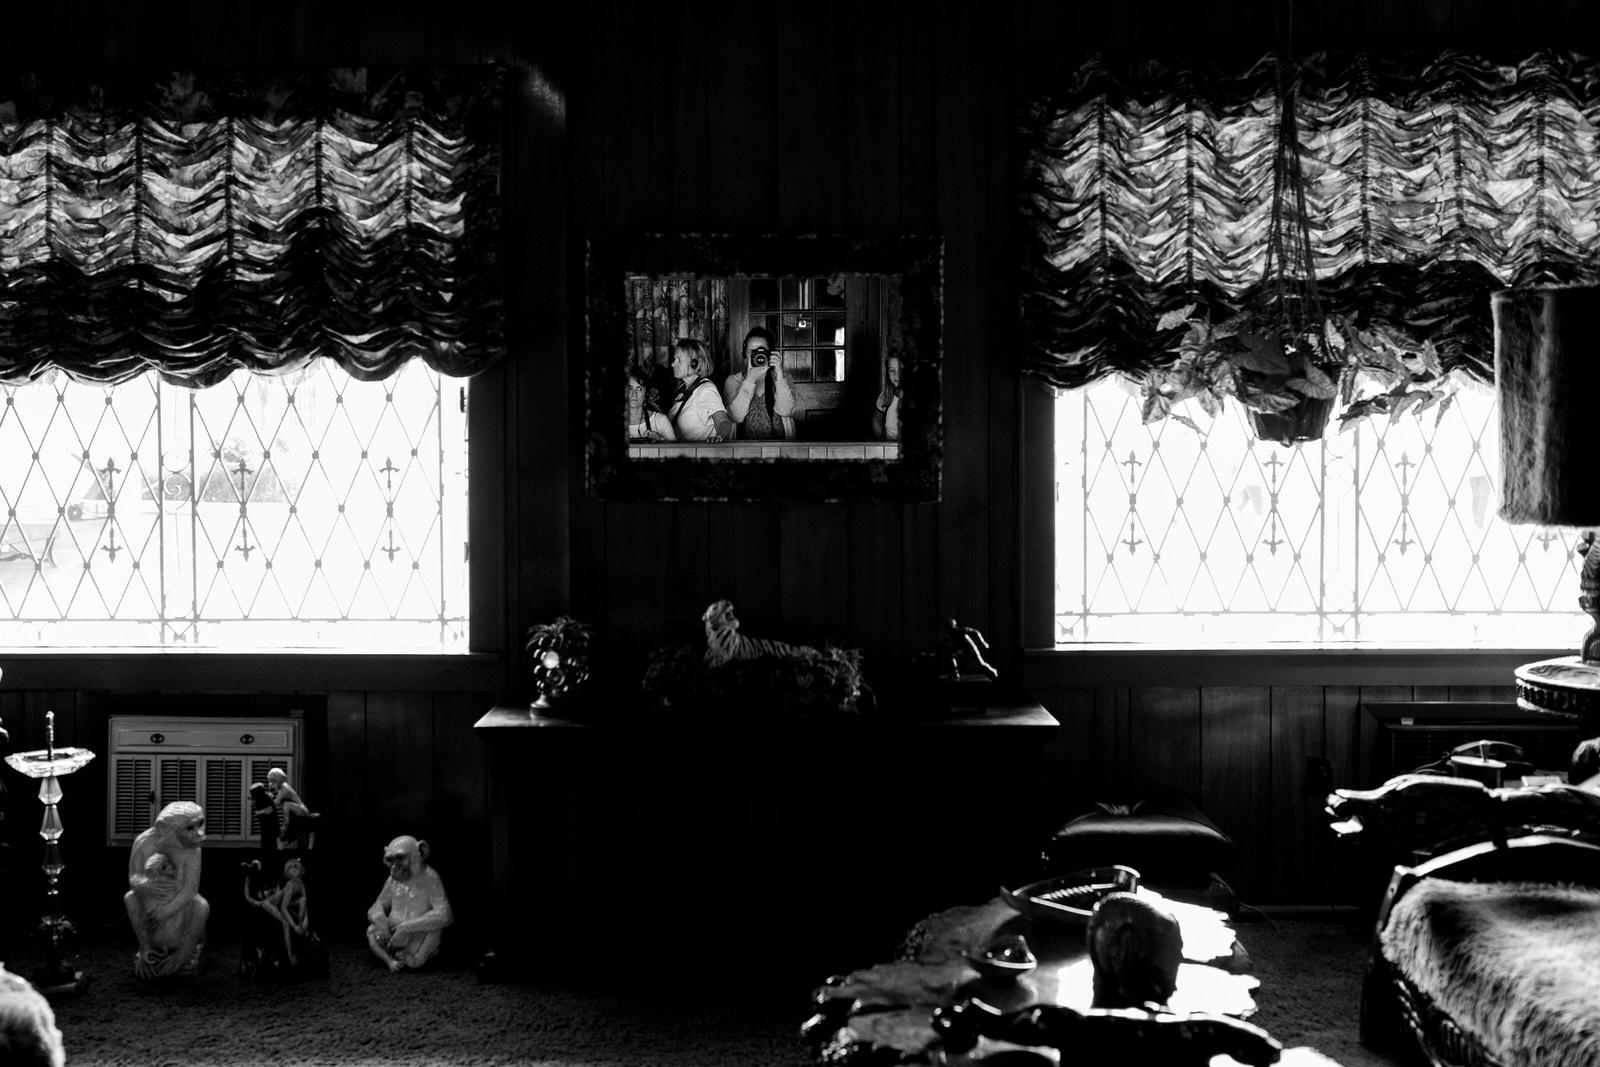 nashville-memphis-siesta-key-vacation-tiny-house-photo-23.jpg